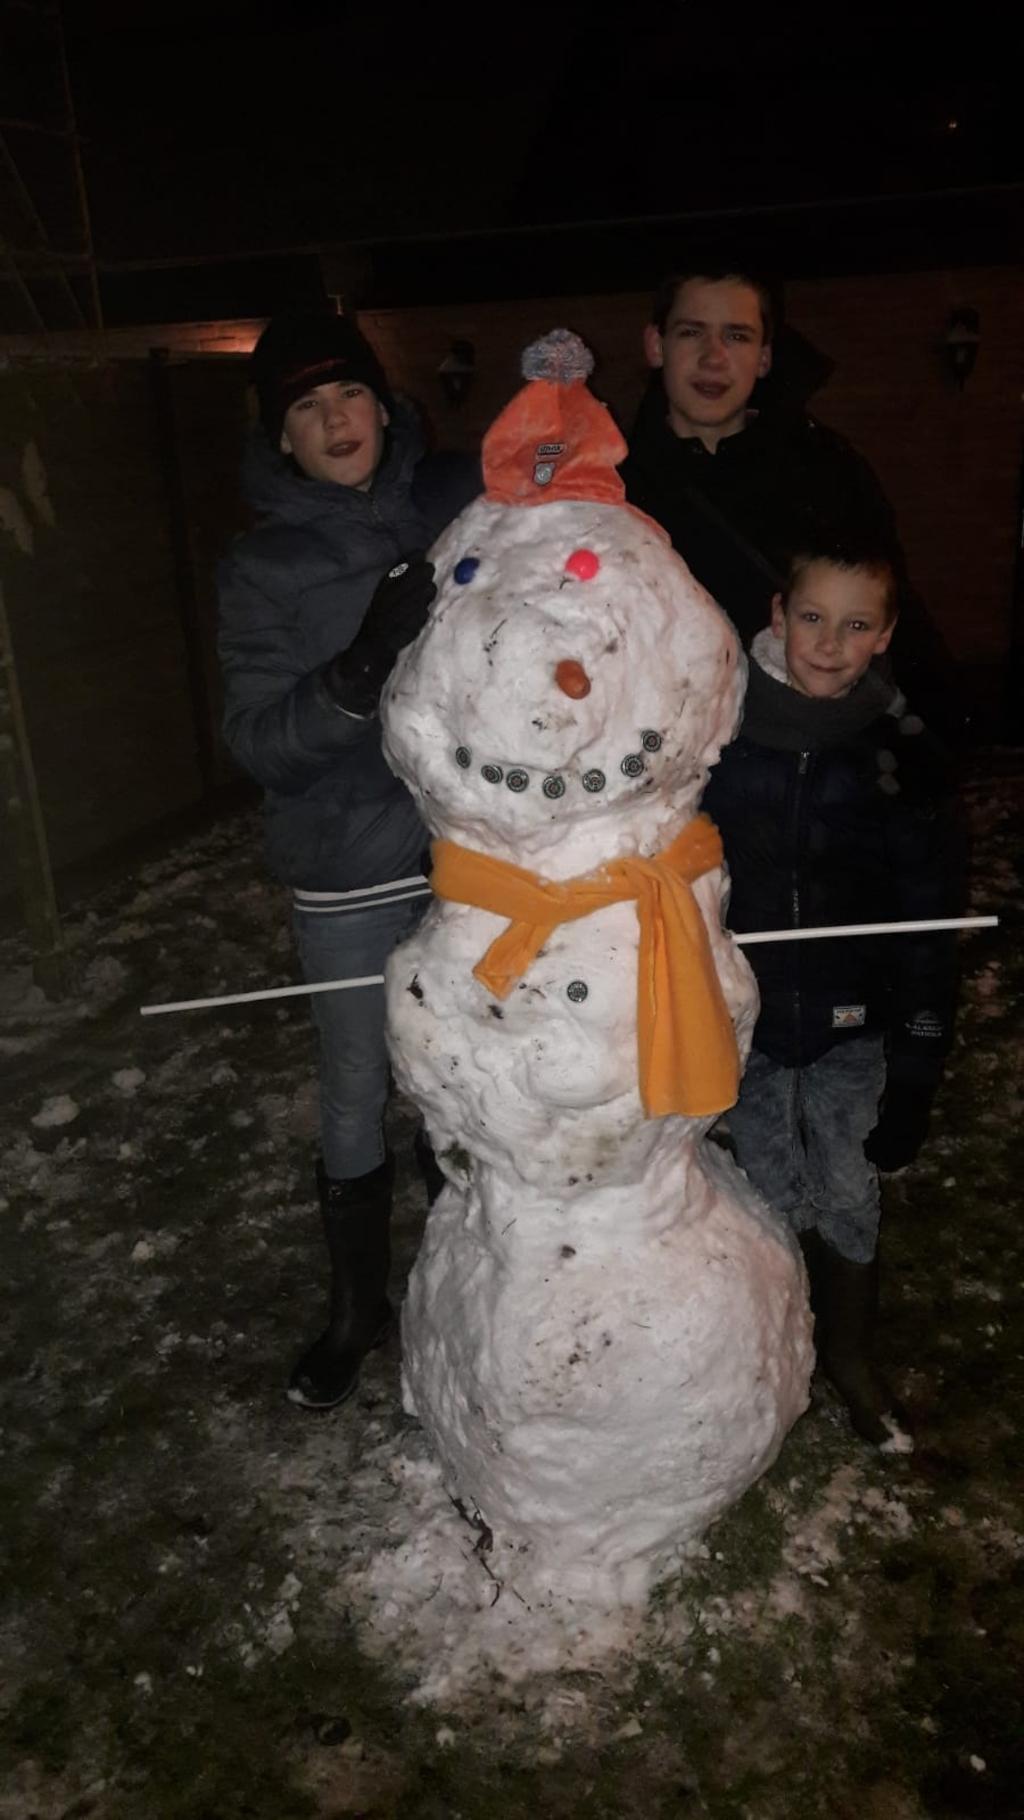 De kids Brian, Ruben en Thomas waren superblij dat er toch een laagje sneeuw lag. Deze sneeuwpop was het resultaat. Carla van Voorst © BDU media